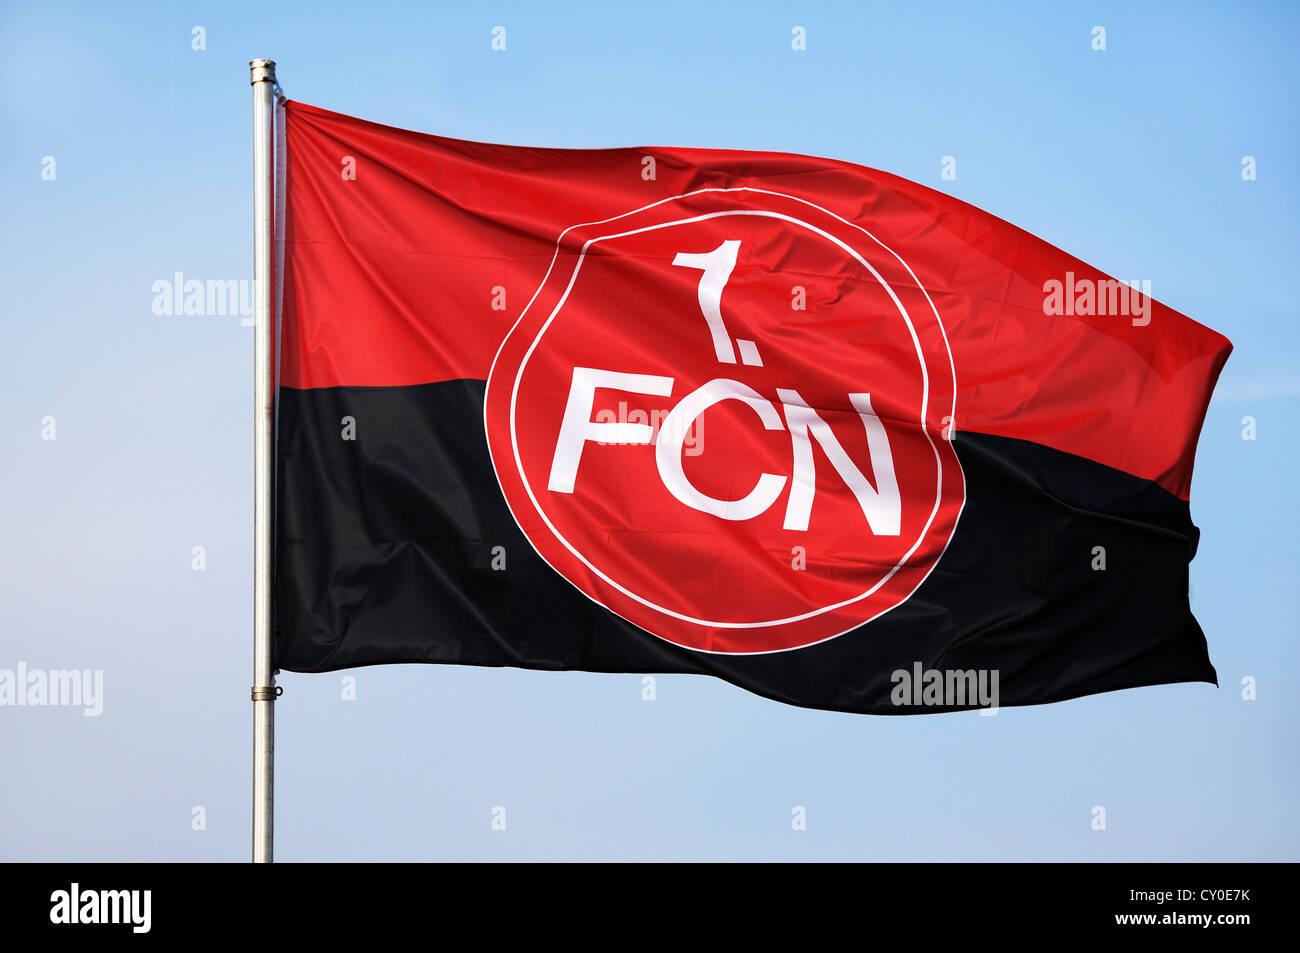 Wehende Flagge von der 1. FC Nürnberg Fußballverein vor blauem Himmel, Franken, Oberbayern Stockbild